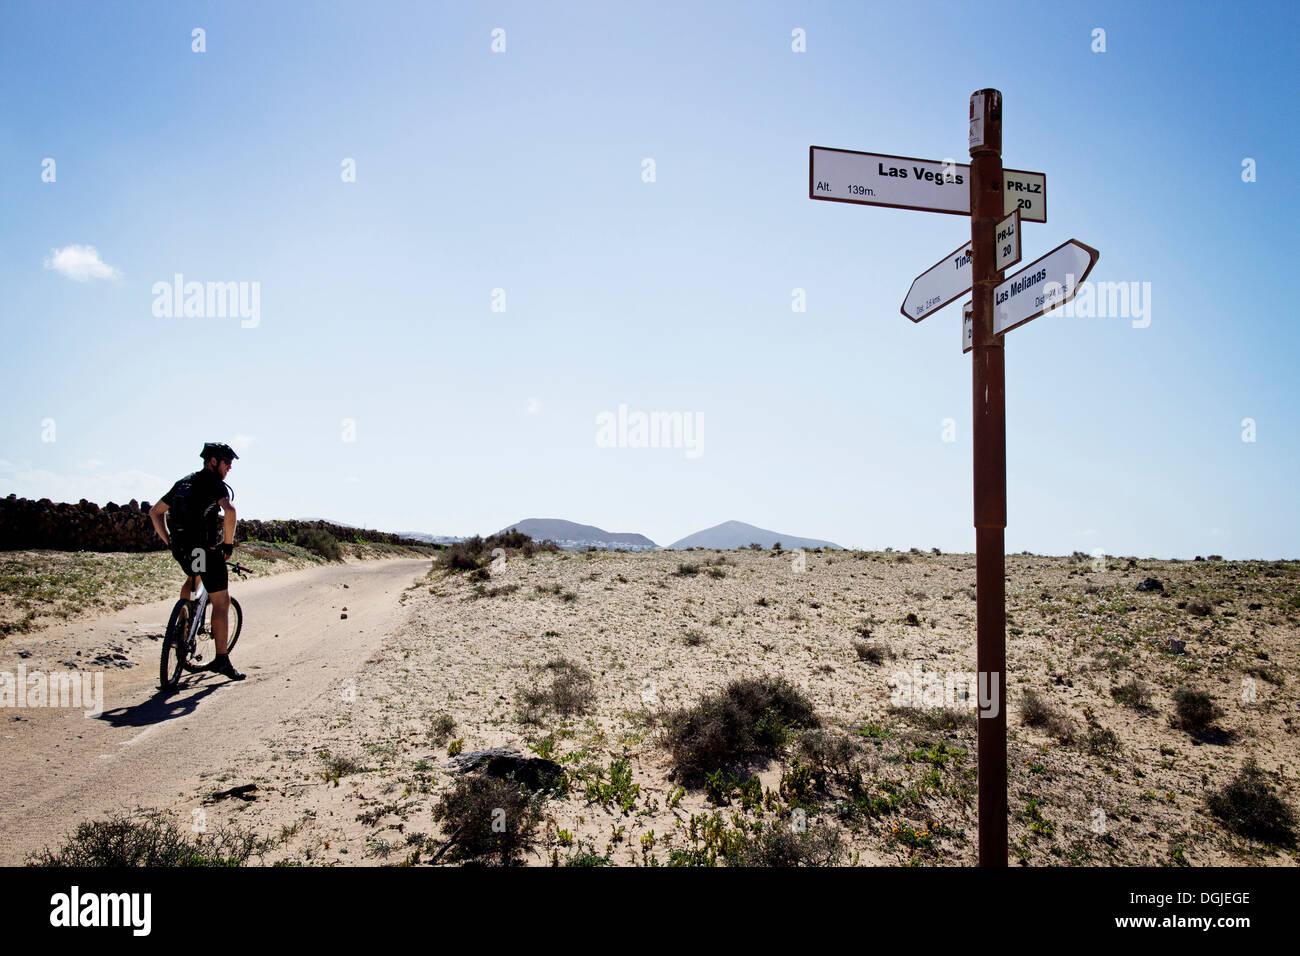 Man mountain biking past sign post, Lanzarote - Stock Image